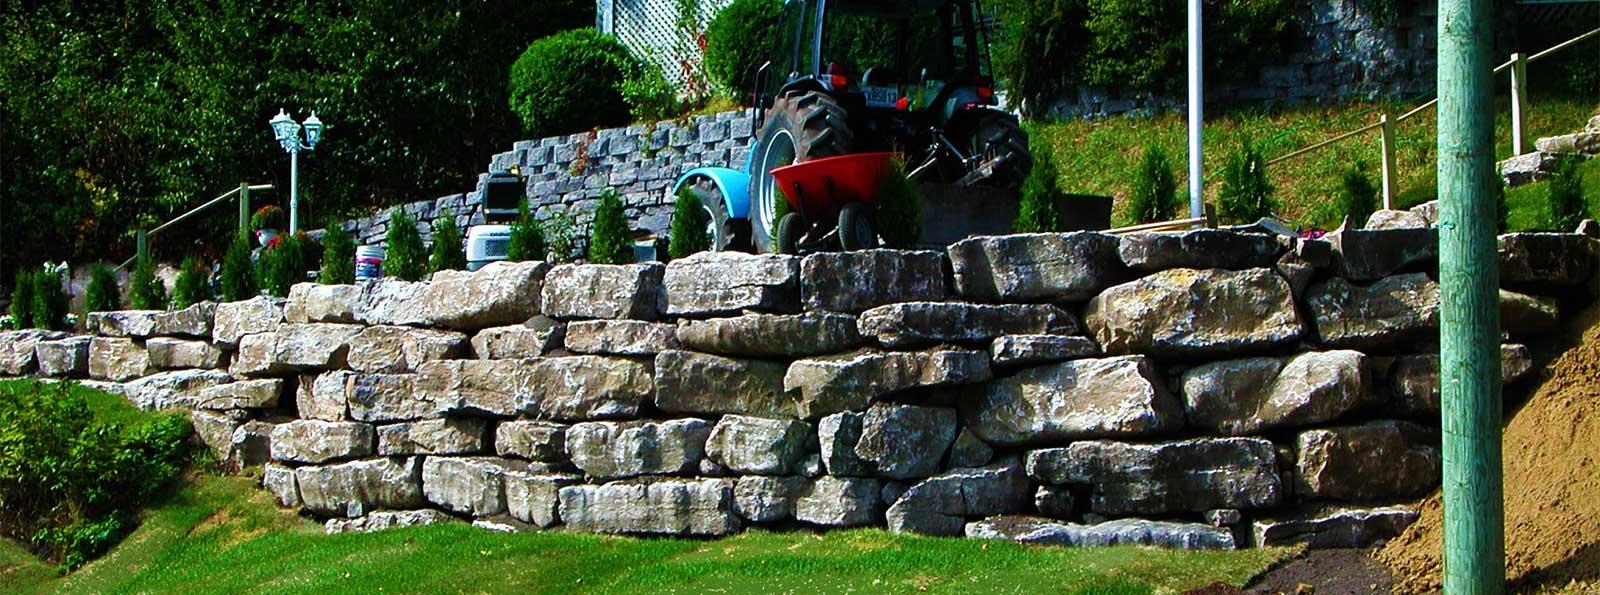 Construction de mur de soutènement en pierres